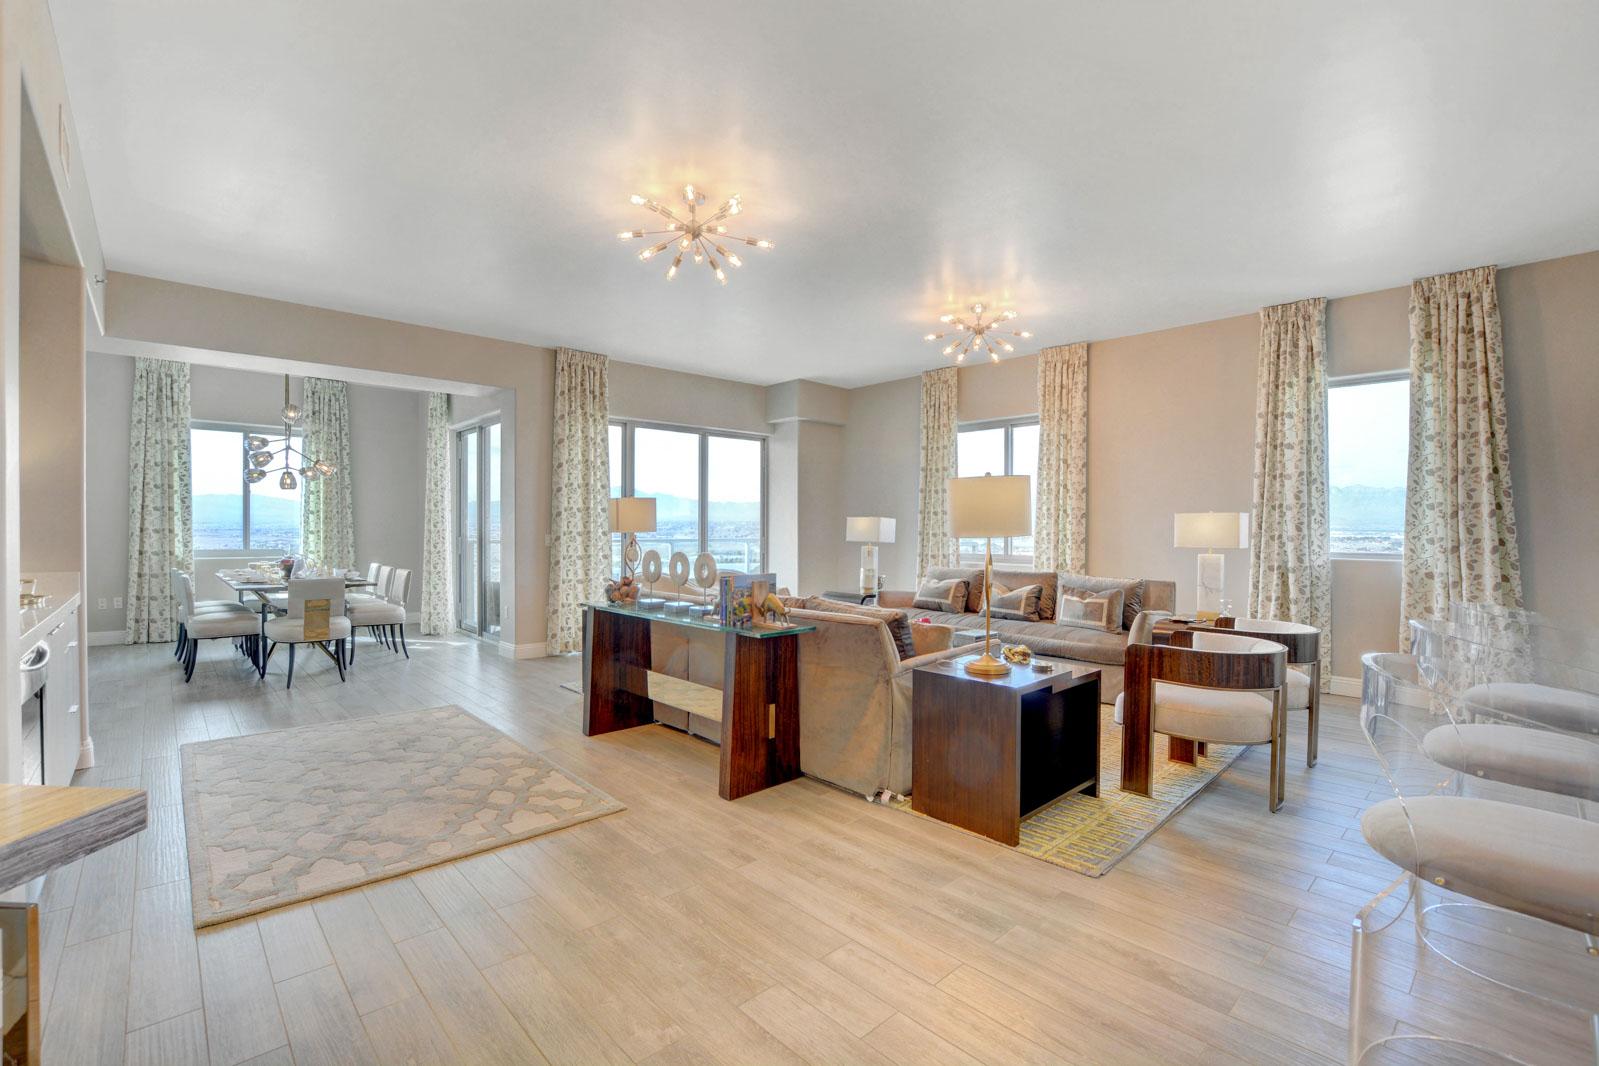 penthouse kitchen luxury finishes